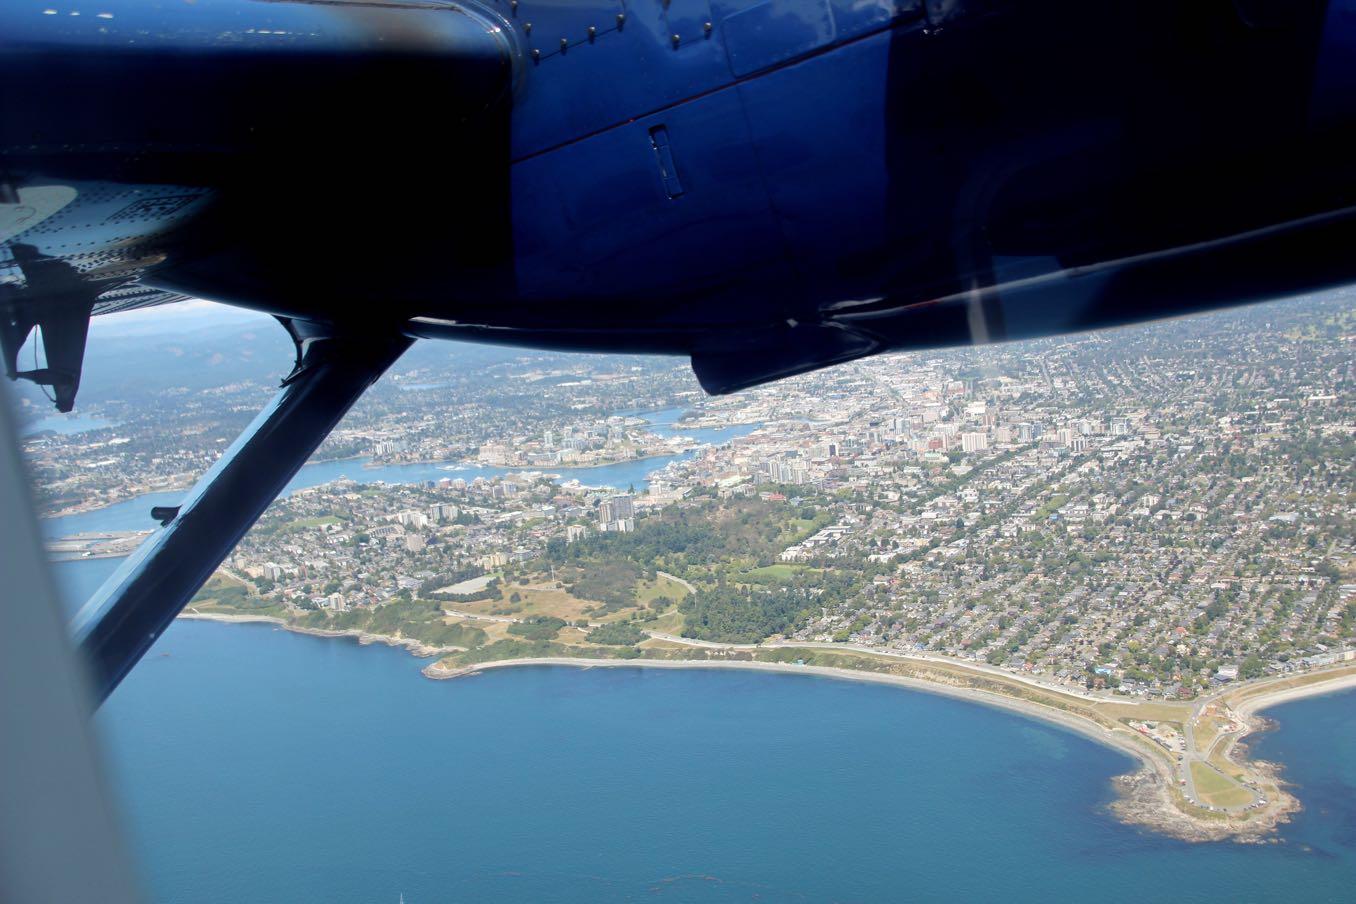 水上飛行機からビクトリアを見下ろす